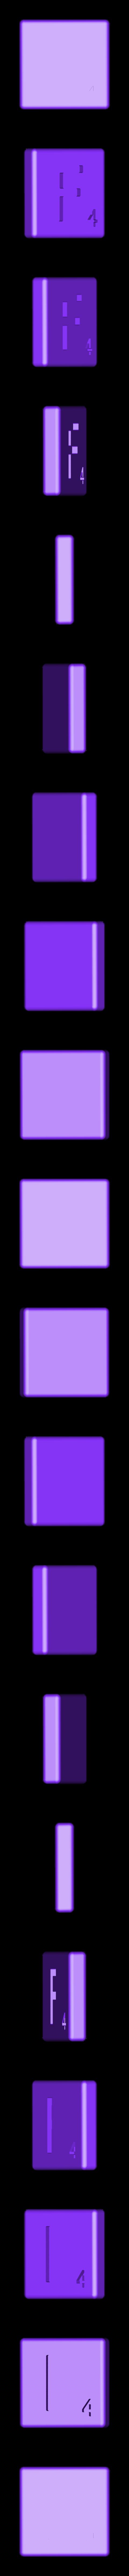 Dual_Shell_F.STL Télécharger fichier STL gratuit Pièces et support SCRABBBLE • Design pour imprimante 3D, Balkhagal4D